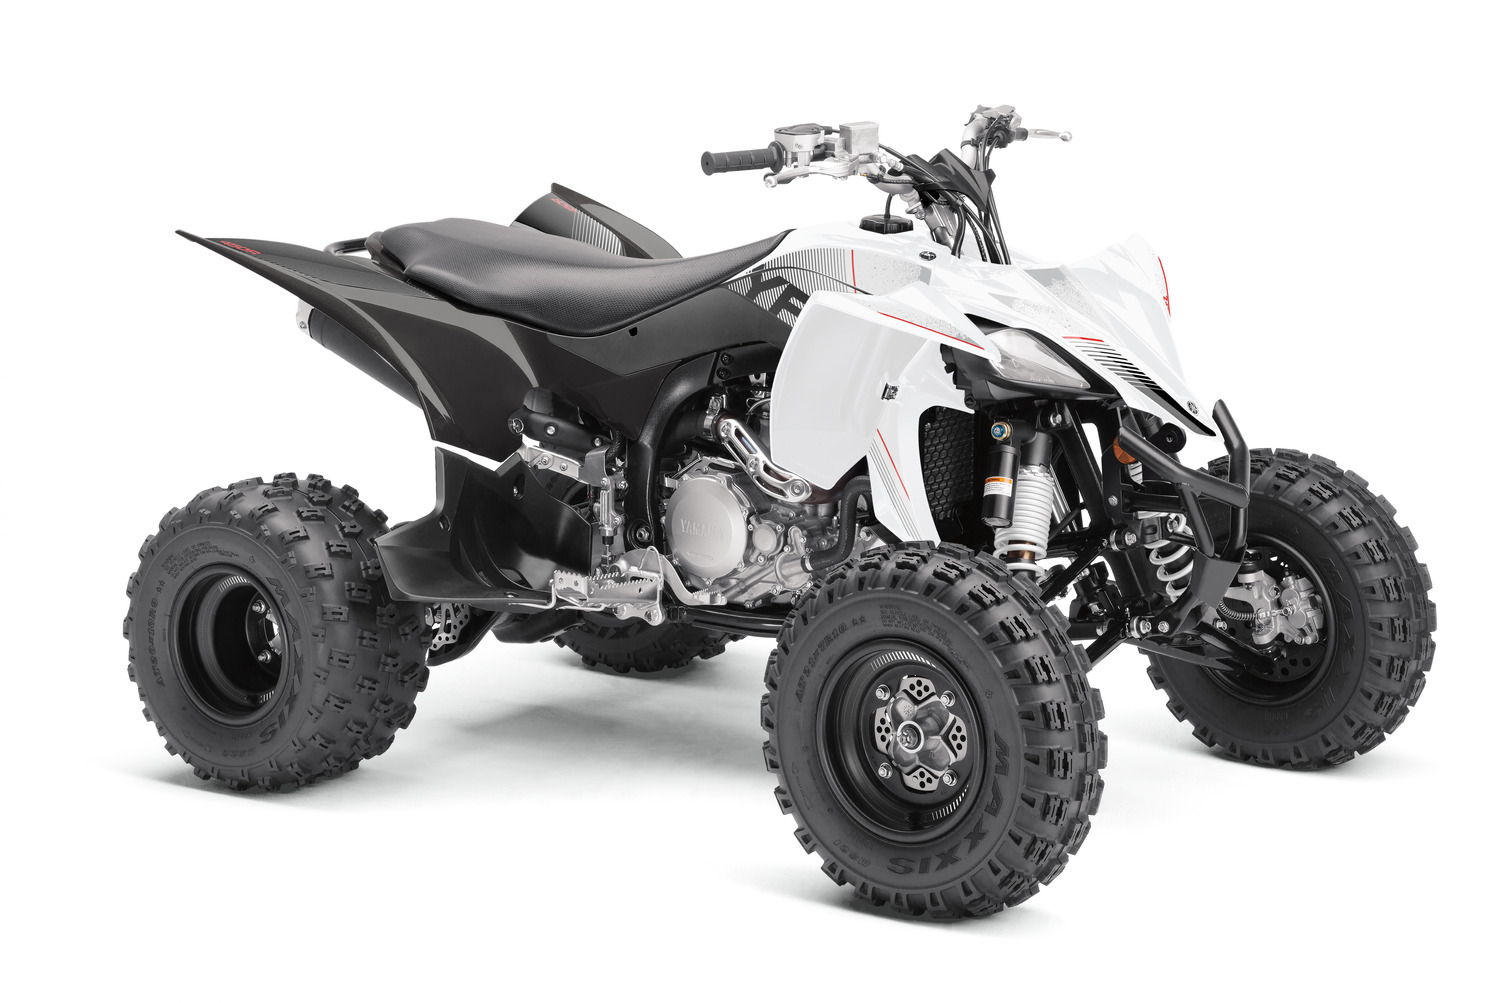 2021 Yamaha YFZ450R SE in White